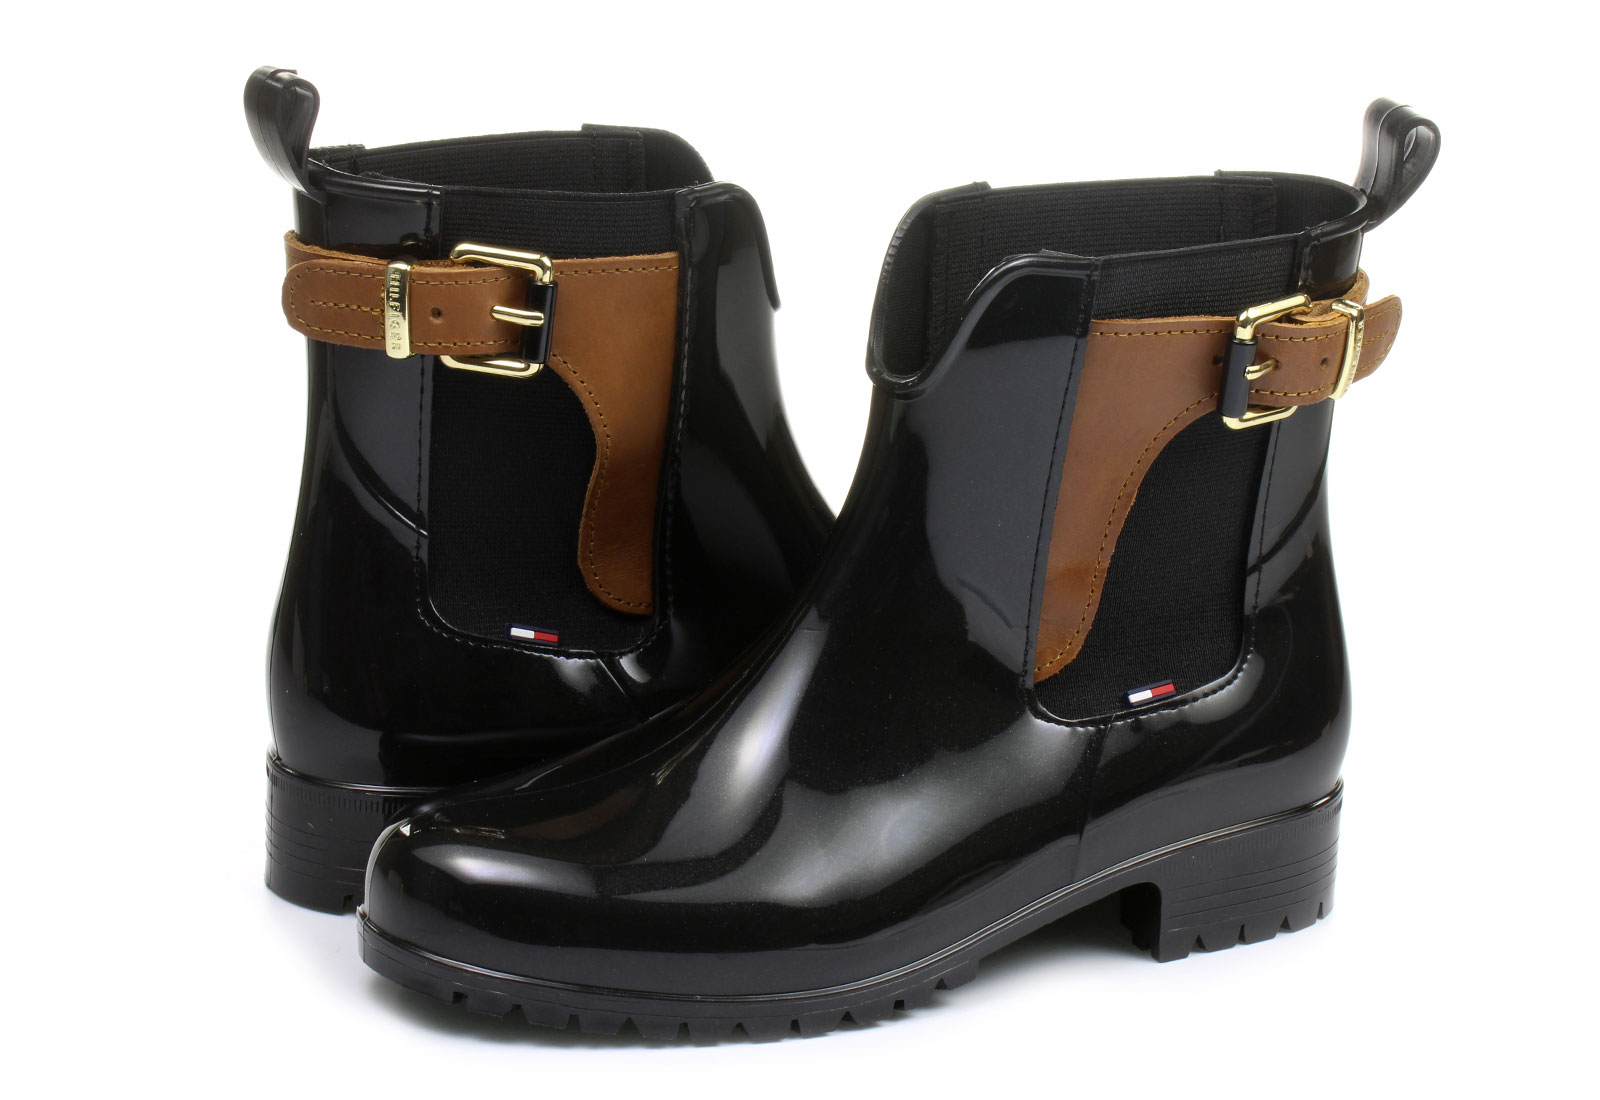 tommy hilfiger boots oxley 2z2 16f 2108 990 online. Black Bedroom Furniture Sets. Home Design Ideas